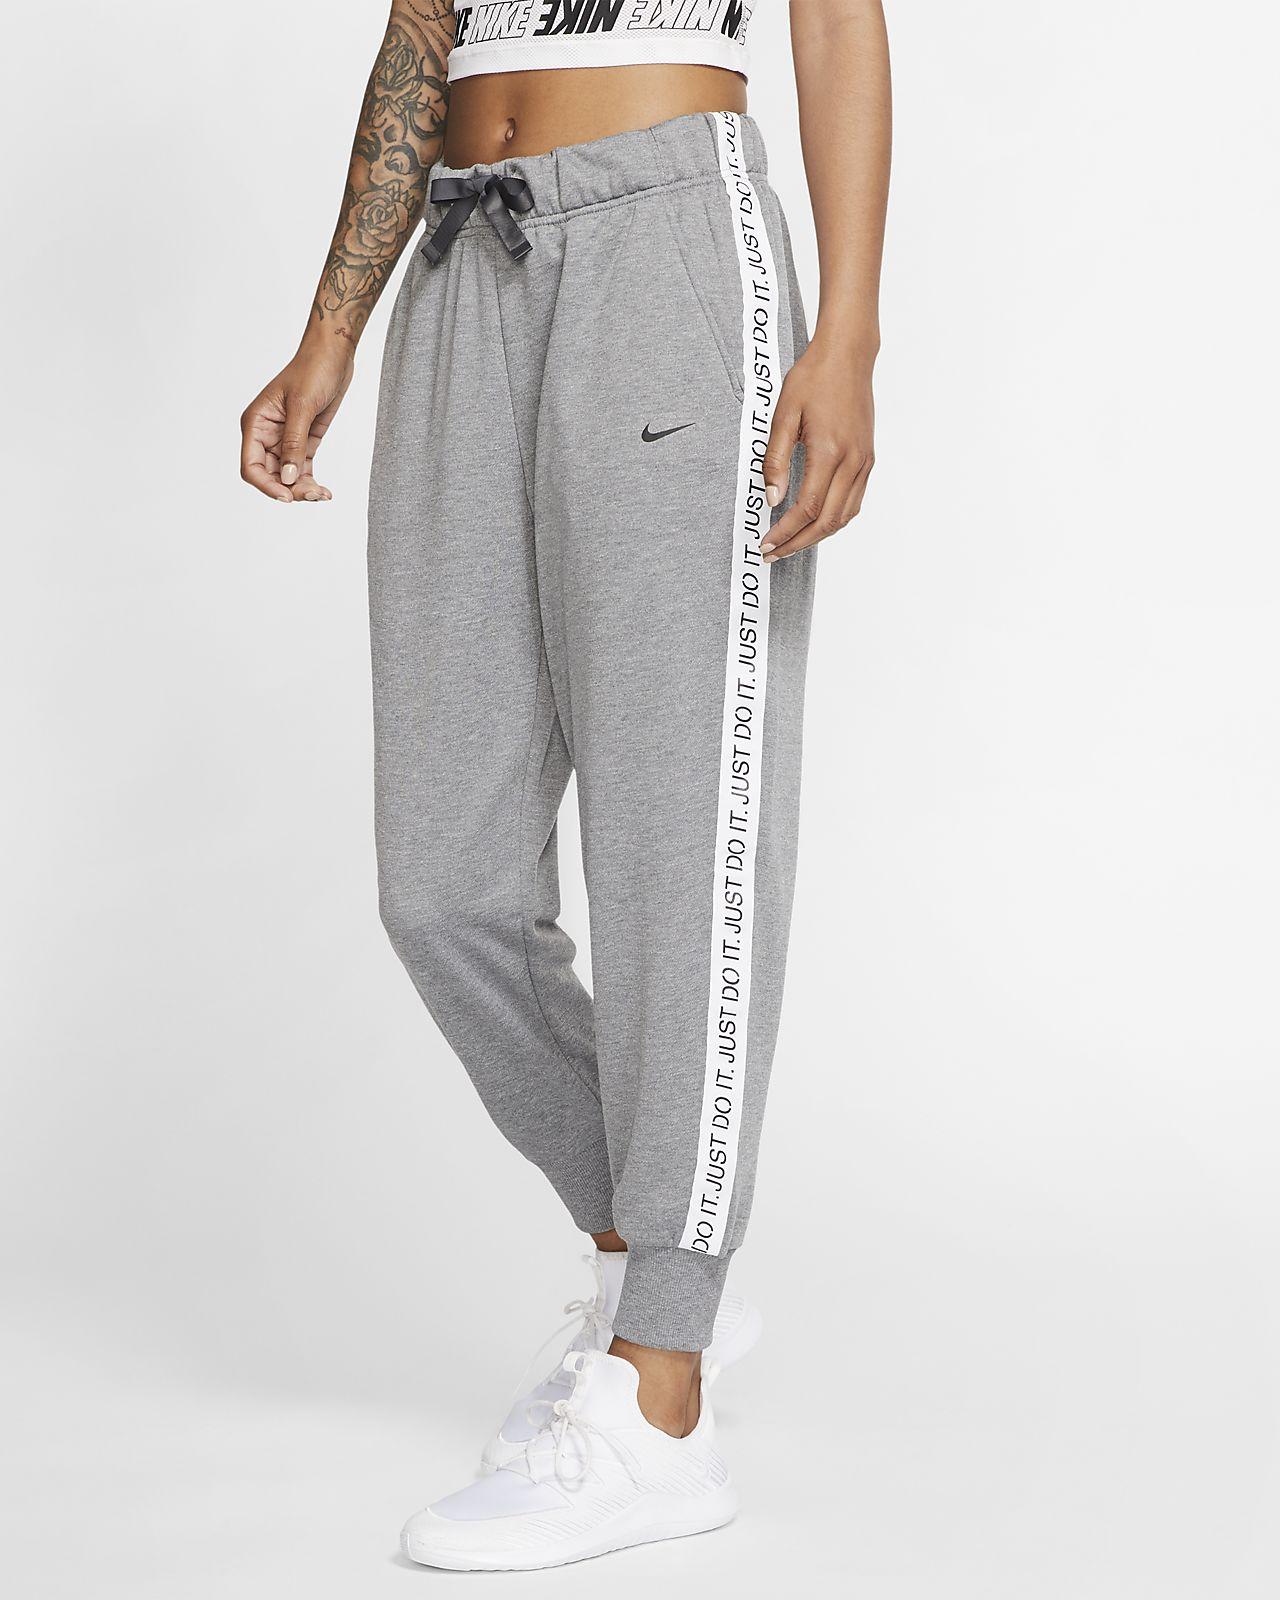 Damskie spodnie treningowe z dzianiny 7/8 Nike Dri-FIT Get Fit